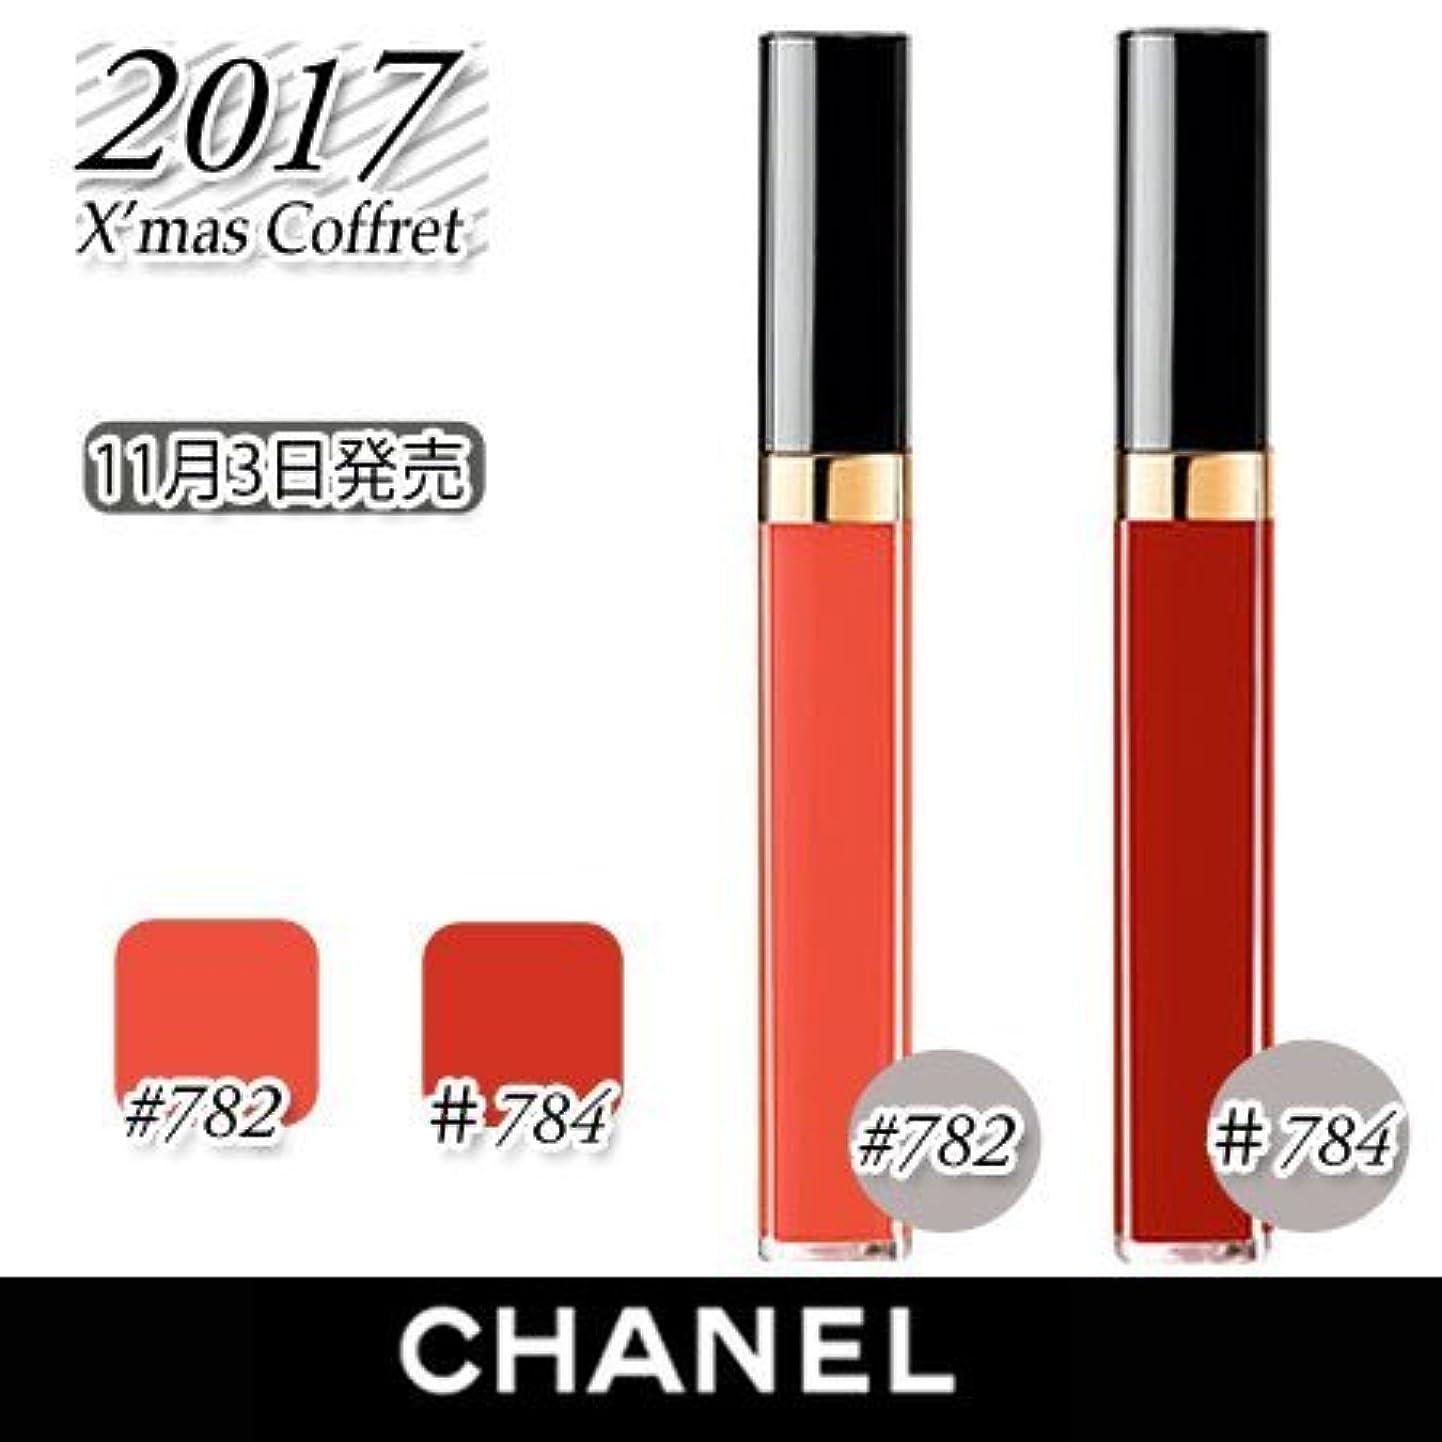 シャネル ルージュ ココ グロス 2種 限定品 2017 クリスマス コフレ -CHANEL- 78211月3日以降発送予定